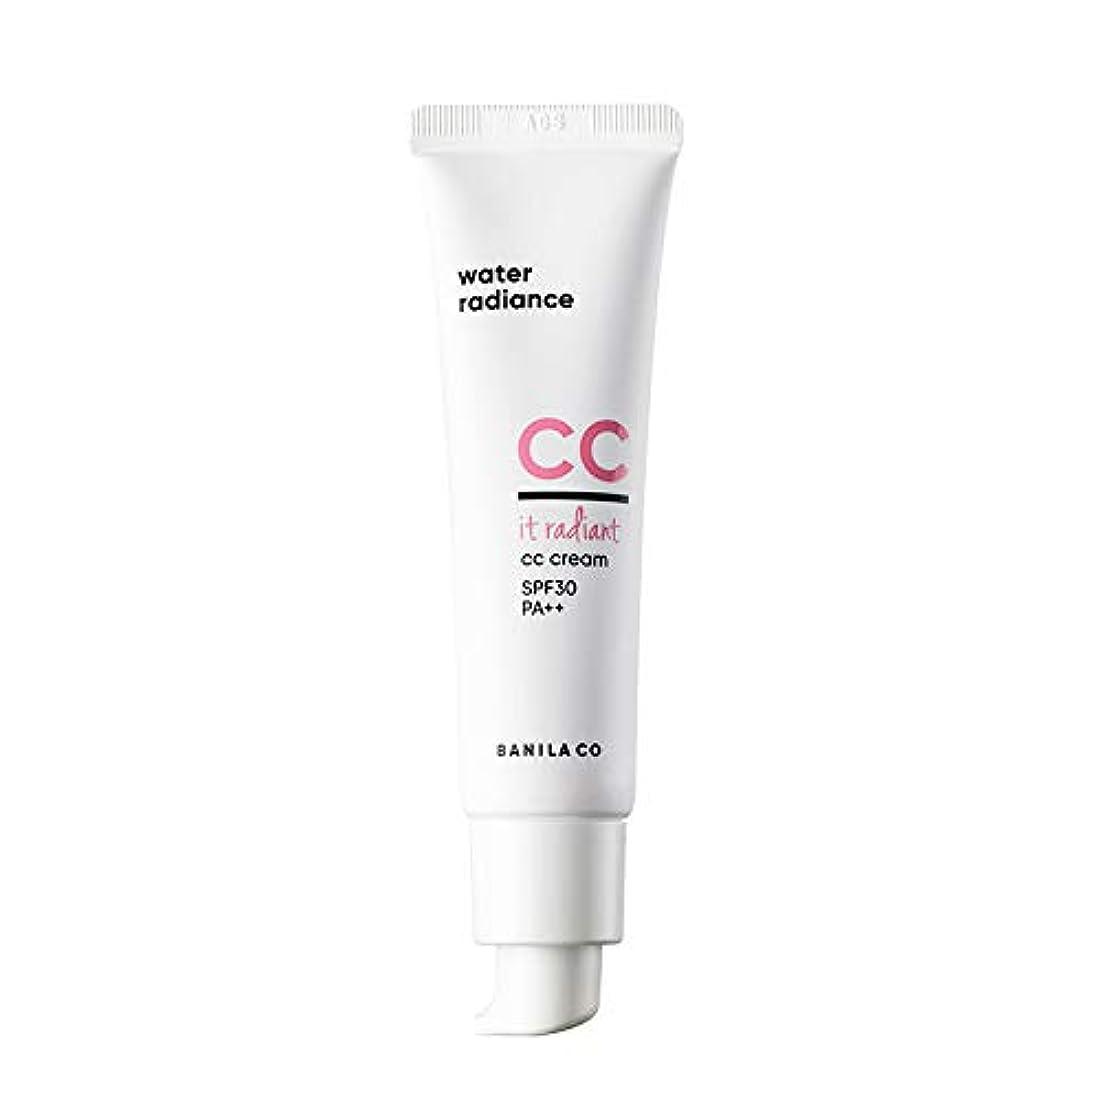 オークション小麦一時停止BANILA CO(バニラコ) イットレディアント ccクリーム It Radiant CC Cream